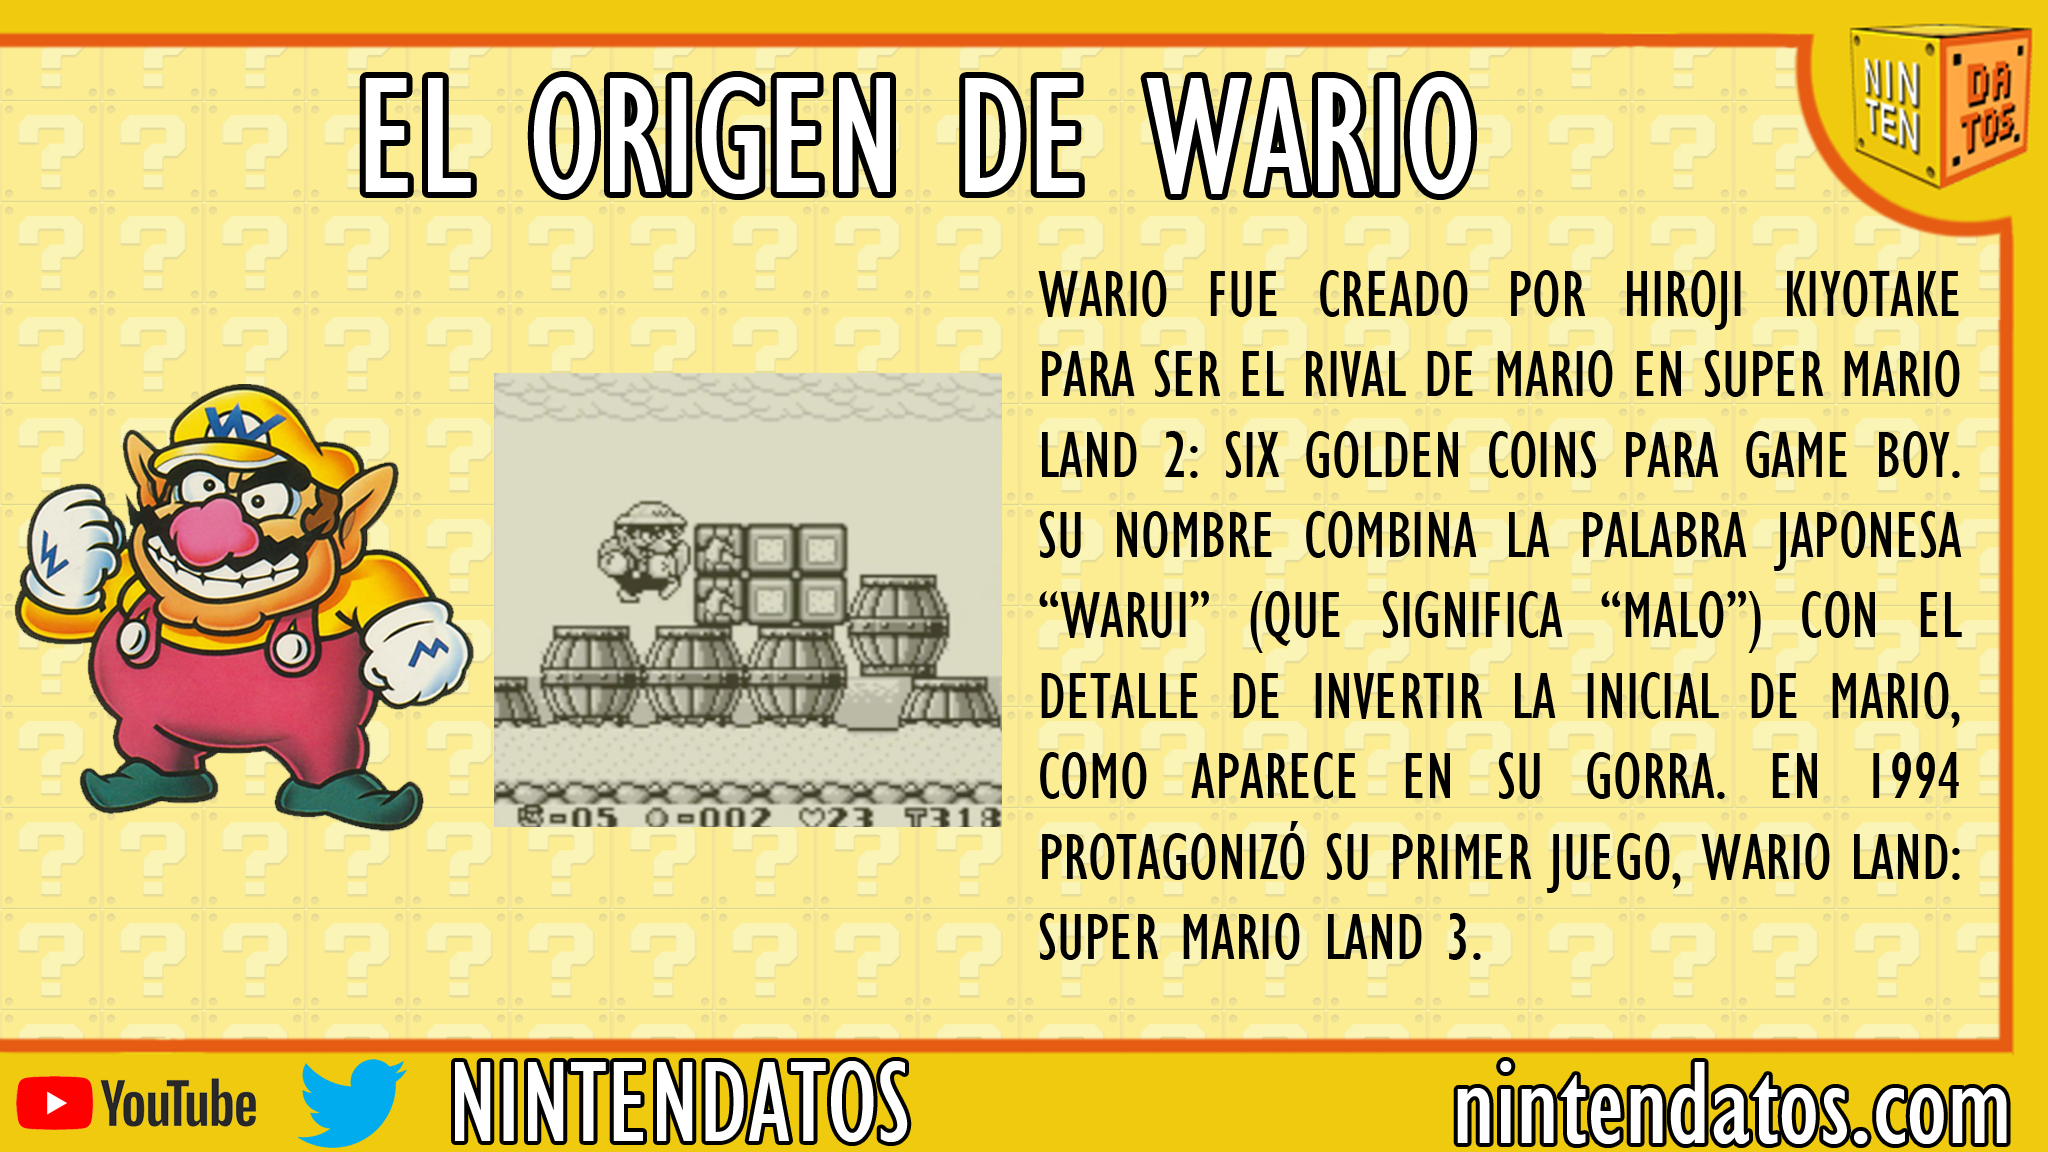 el origen de wario